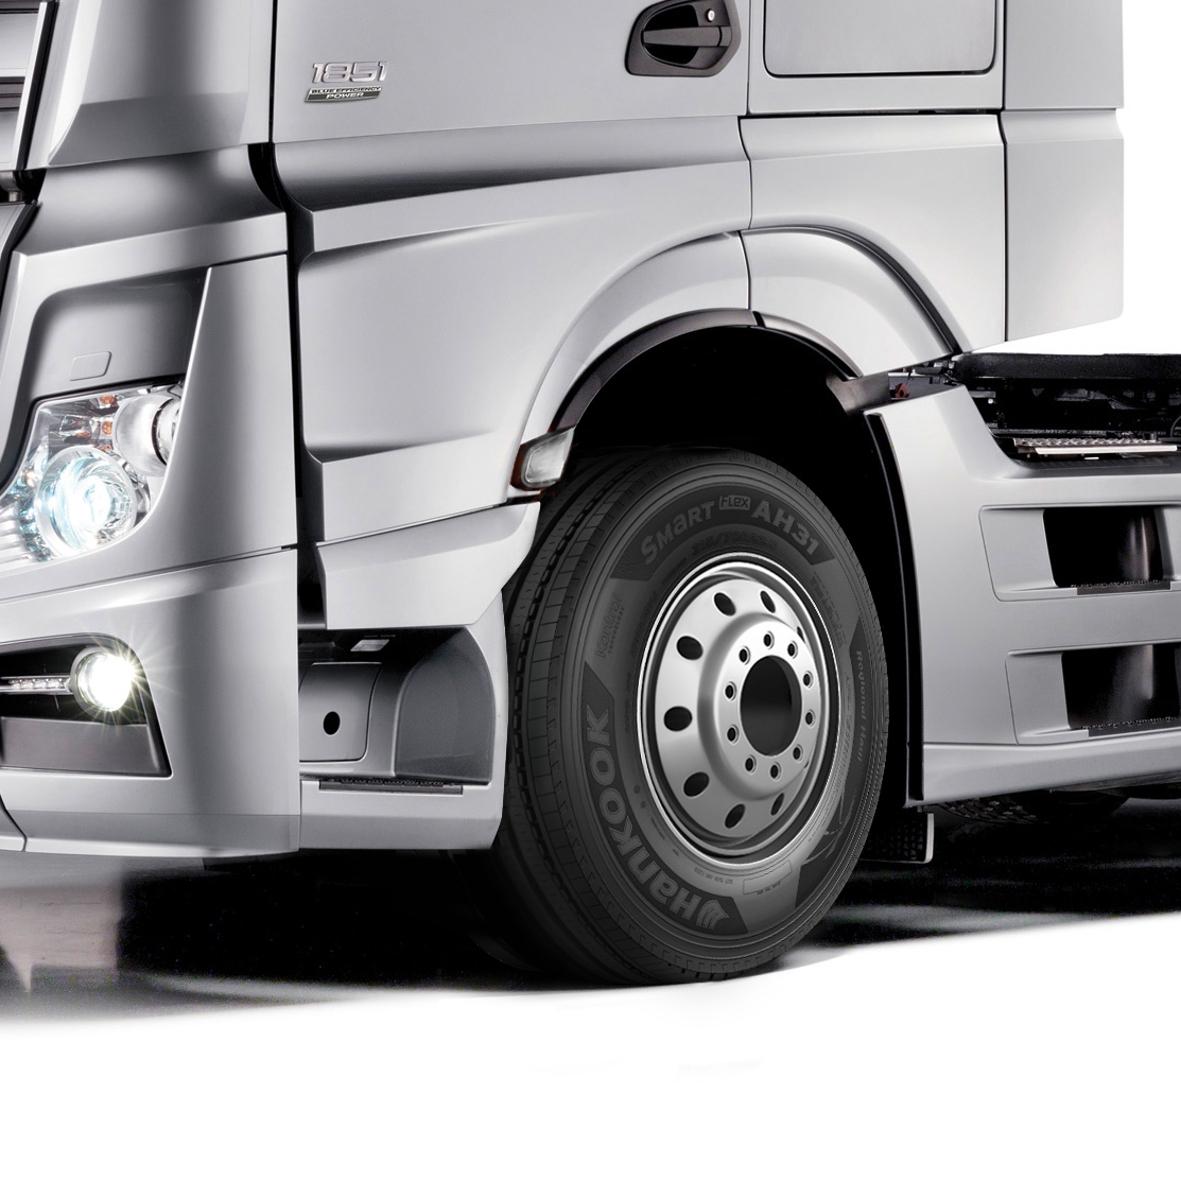 mid Groß-Gerau - 20 neue Reifengrößen für Mercedes Actros und Co.: Hankook weitet sein Angebot an Lkw-Reifen im Format 22,5 Zoll aus.